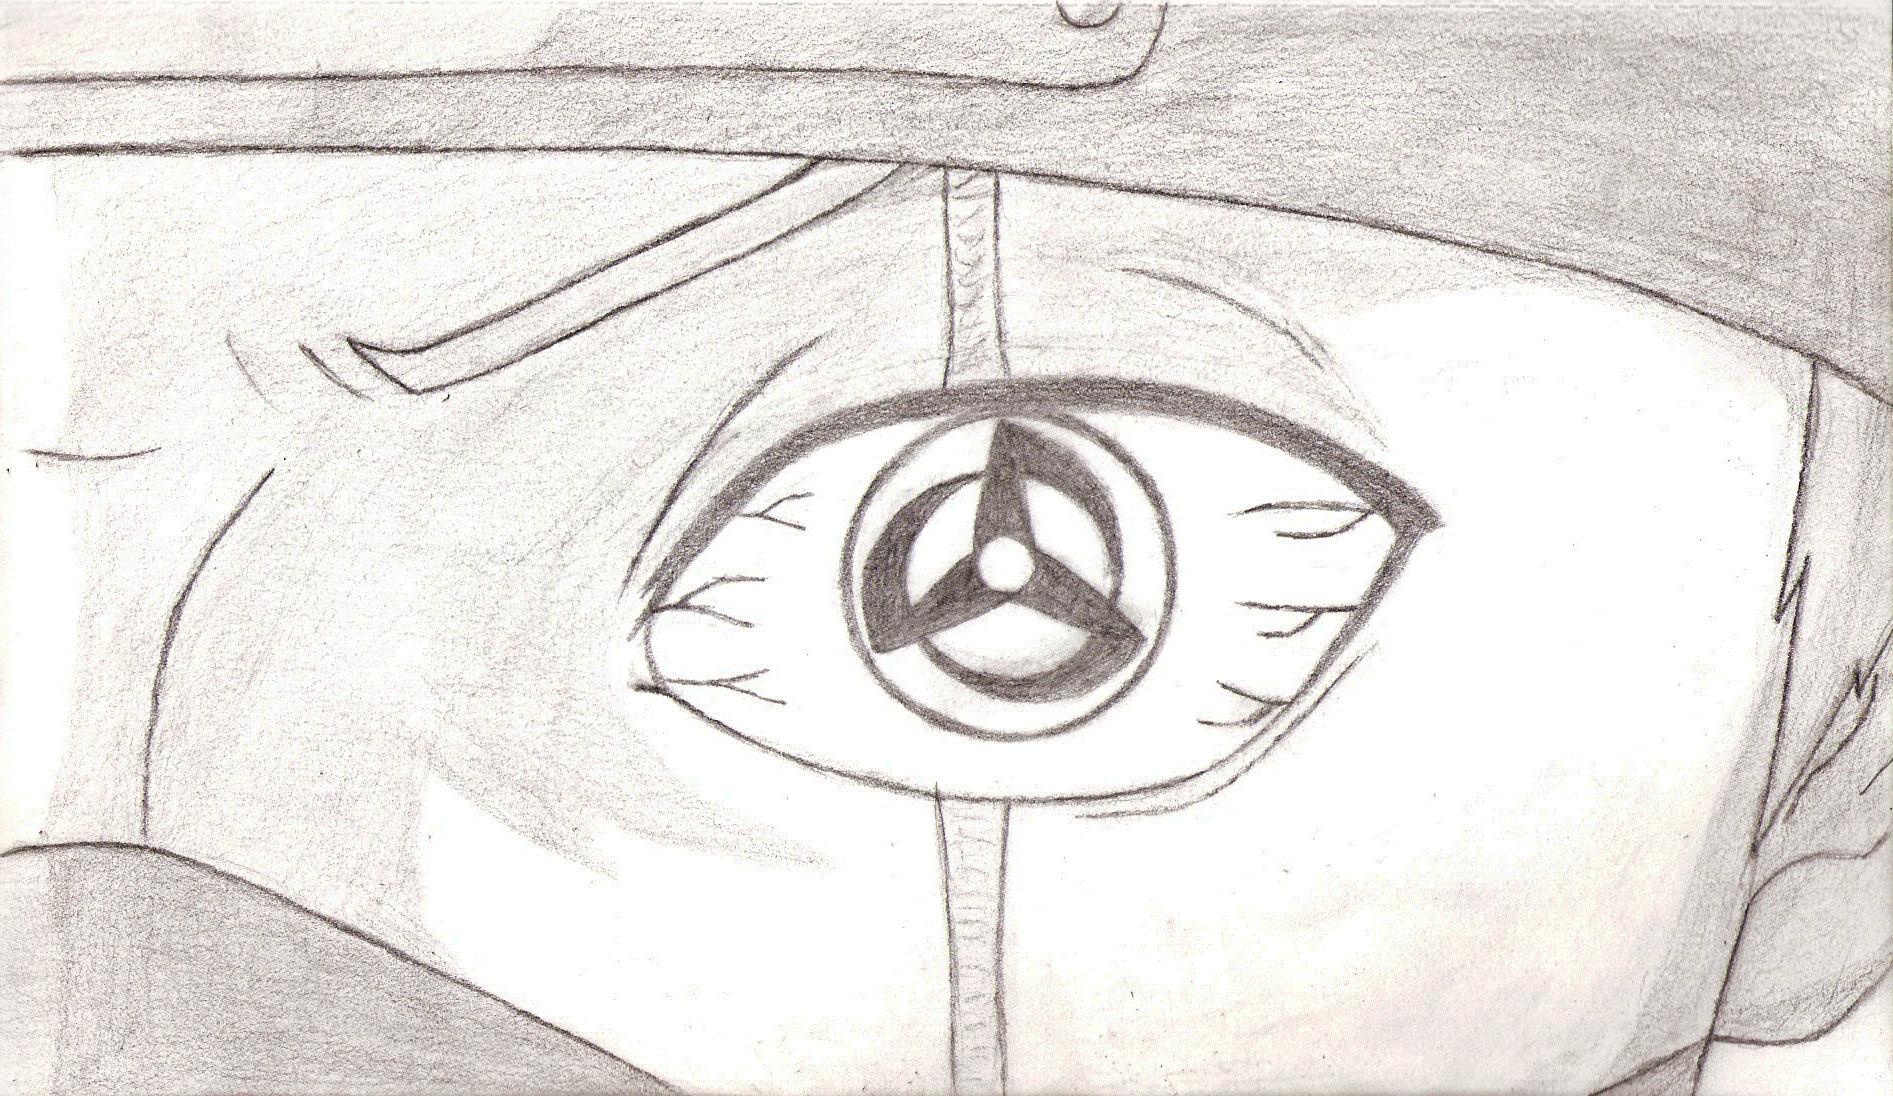 Kakashi Sharingan Drawing   www.imgkid.com - The Image Kid ...